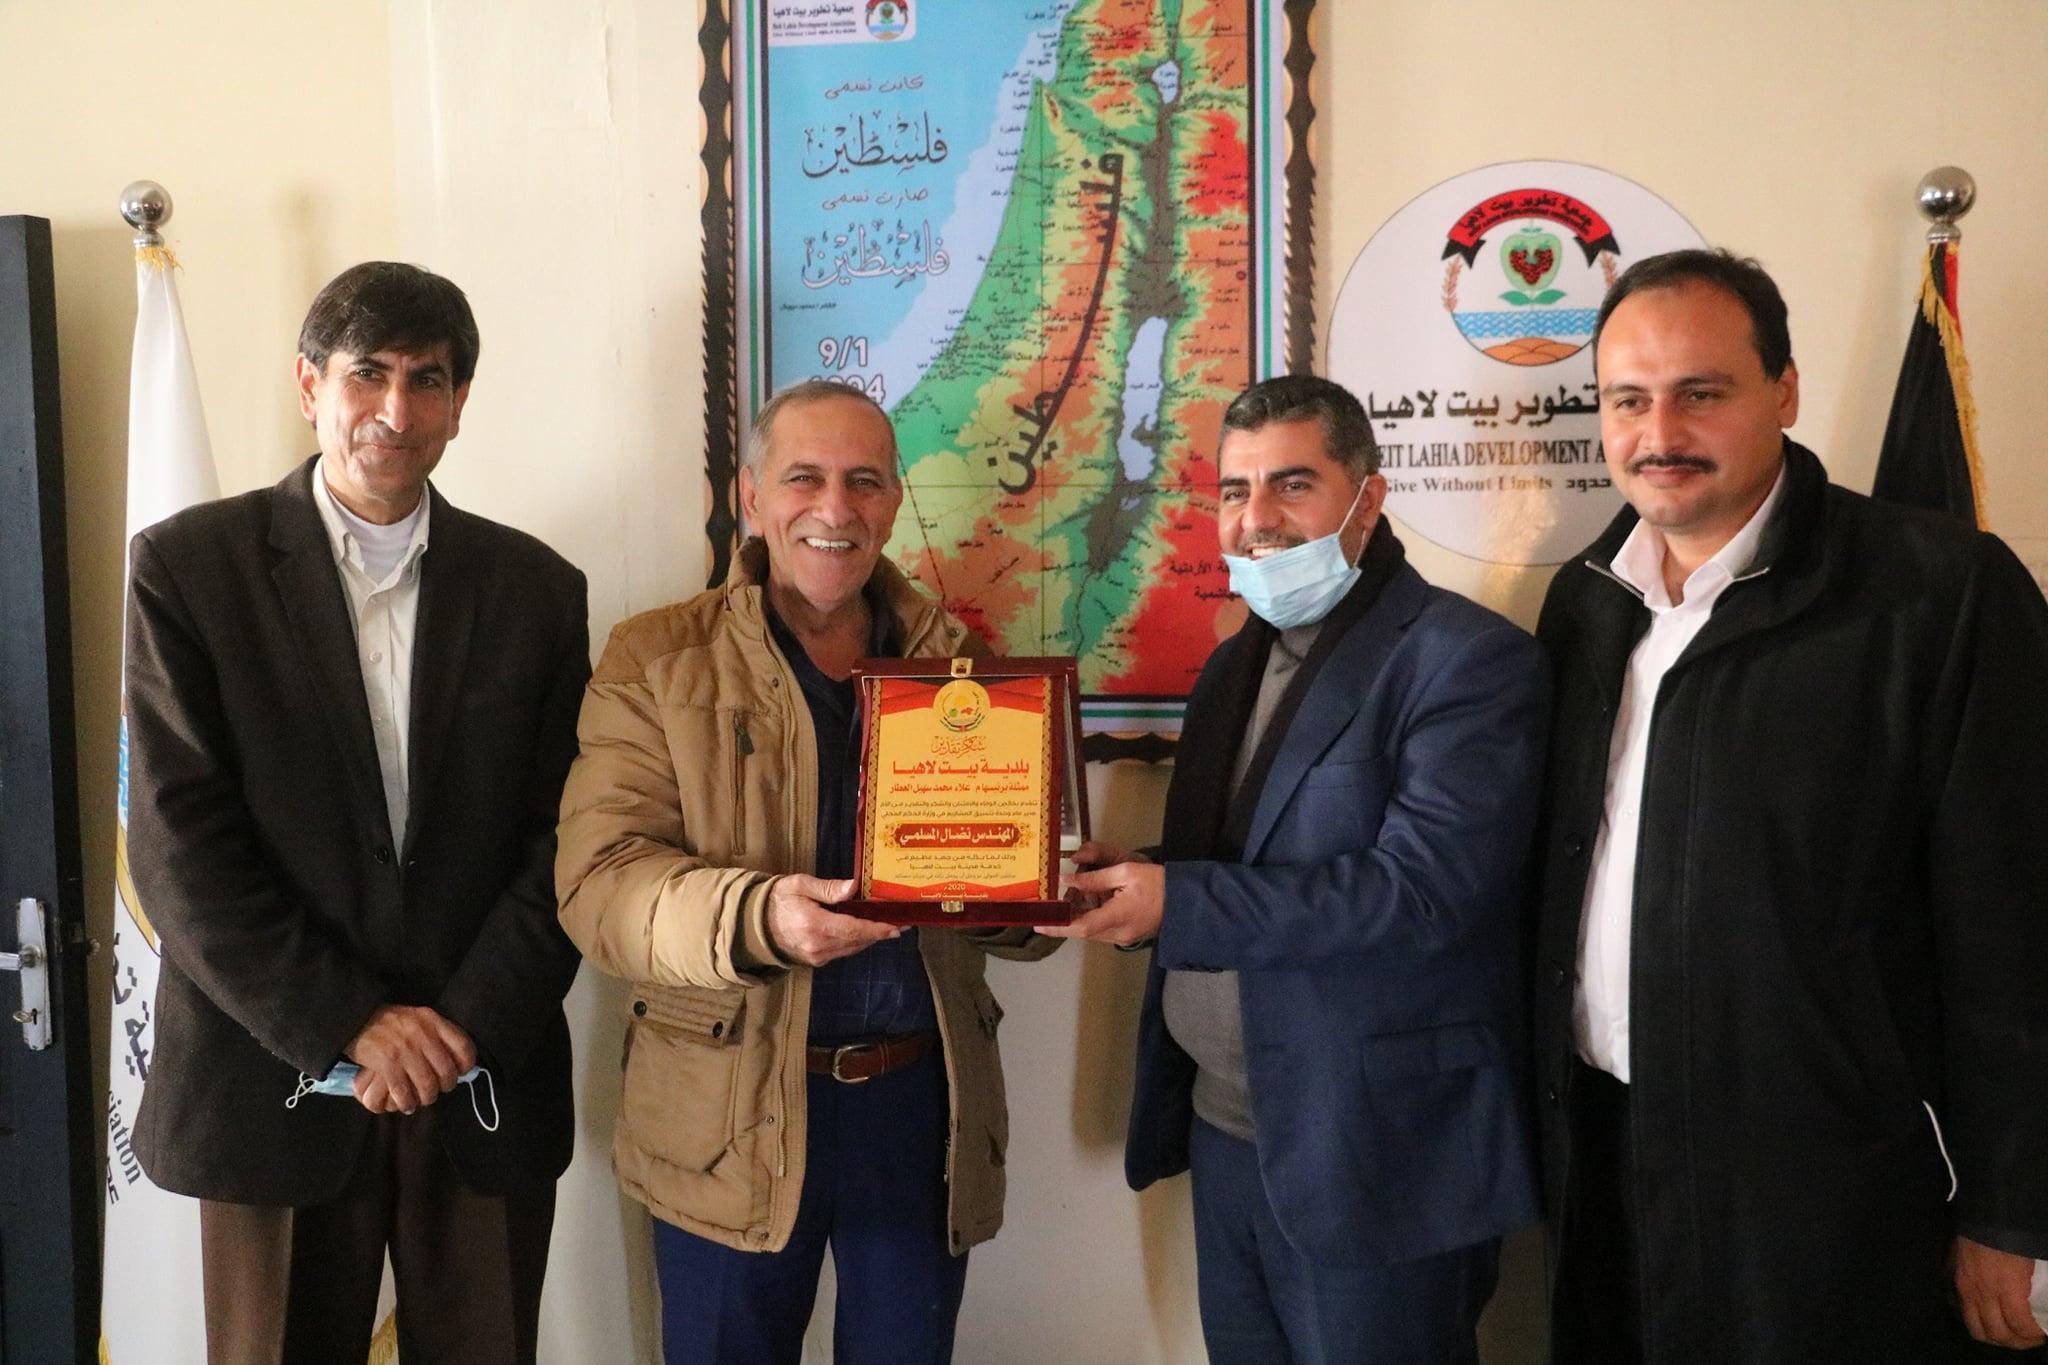 جمعية تطوير بيت لاهيا تستقبل وفدا زائراً من بلدية بيت لاهيا